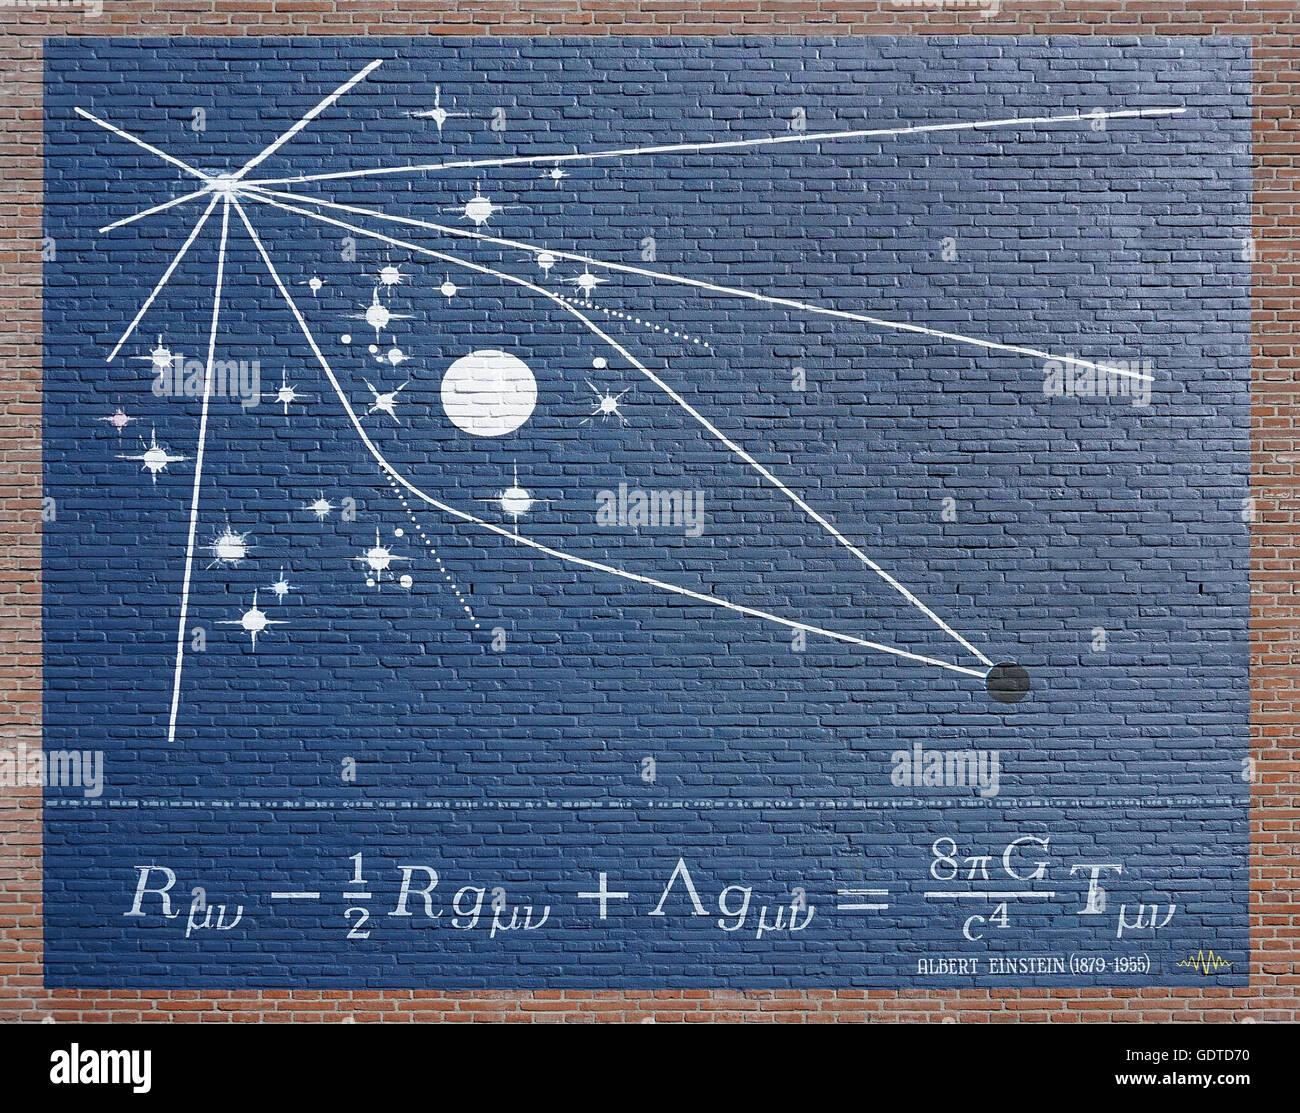 Albert Einstein 1879-1955 Formel E=mc2 an der Wand.Masse-Energie-Äquivalenz.Energie (E)= Masse (m) multipliziert mit der Geschwindigkeit von t (c = ~3×108 m/s) im Quadrat Stockfoto